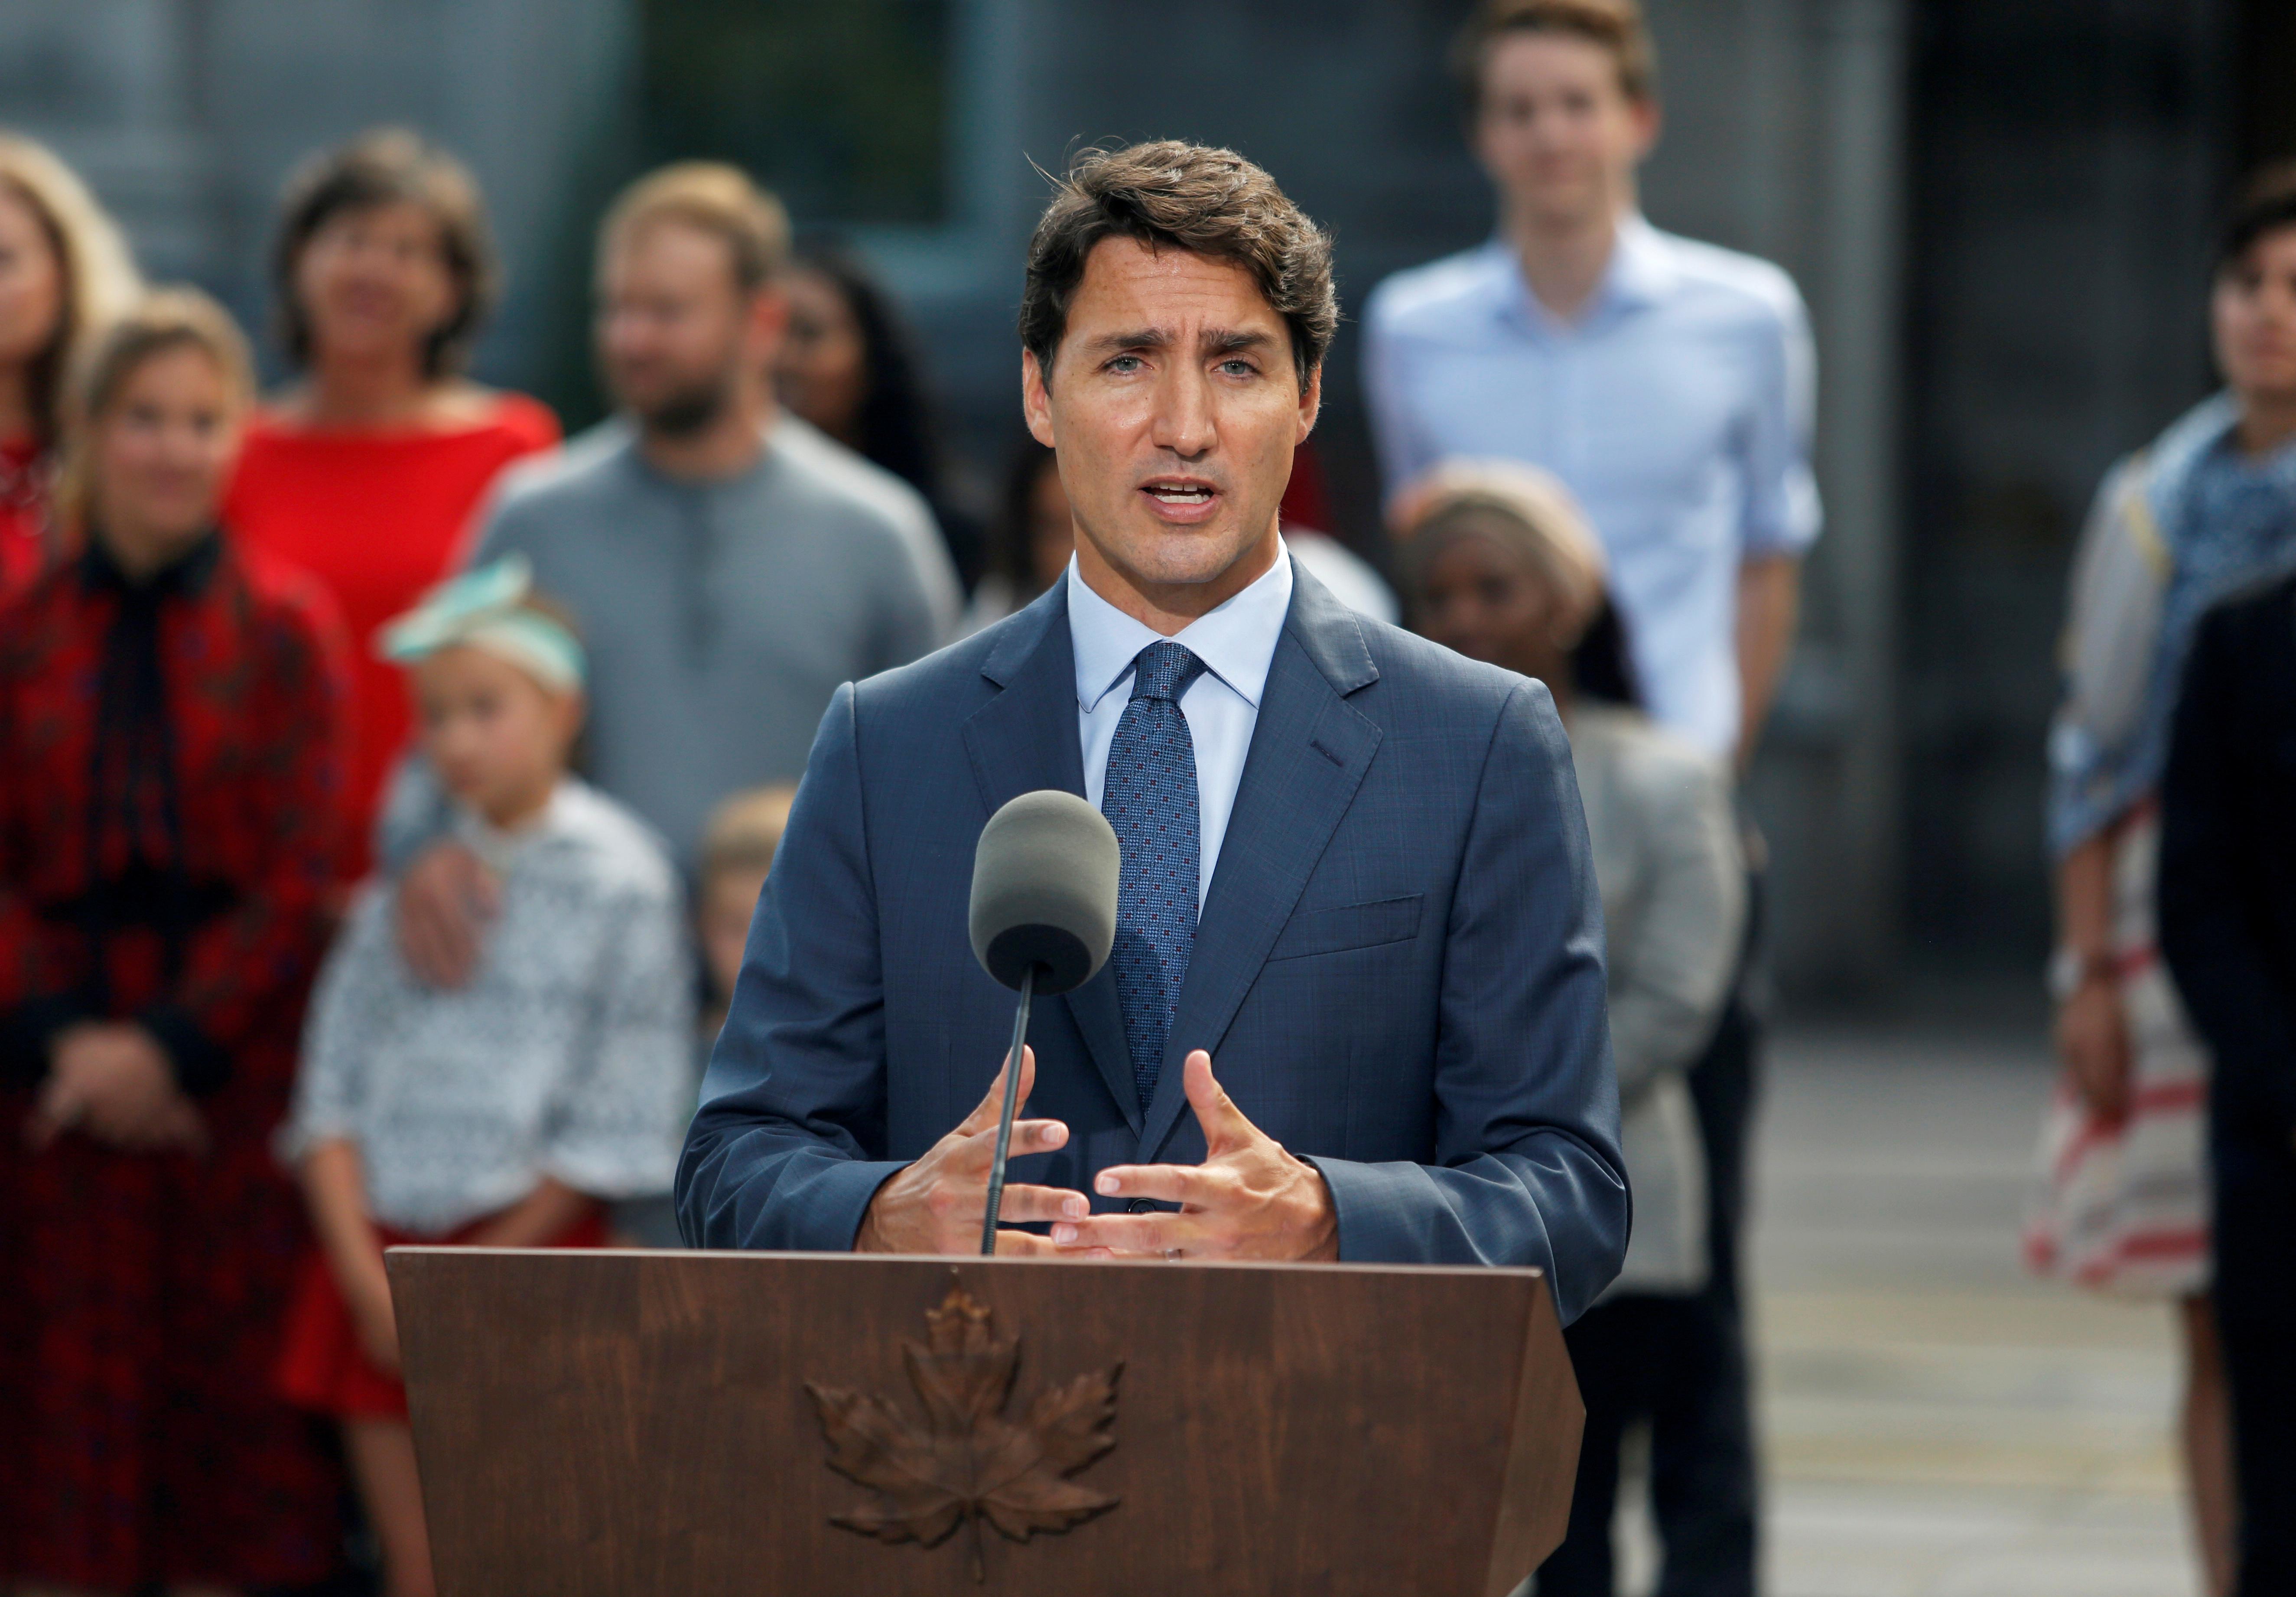 Ταυτίζεται με την Γκρέτα Τούνμπεργκ ο Τζαστίν Τριντό! «Ο Καναδάς δεν κάνει αρκετά για το κλίμα»